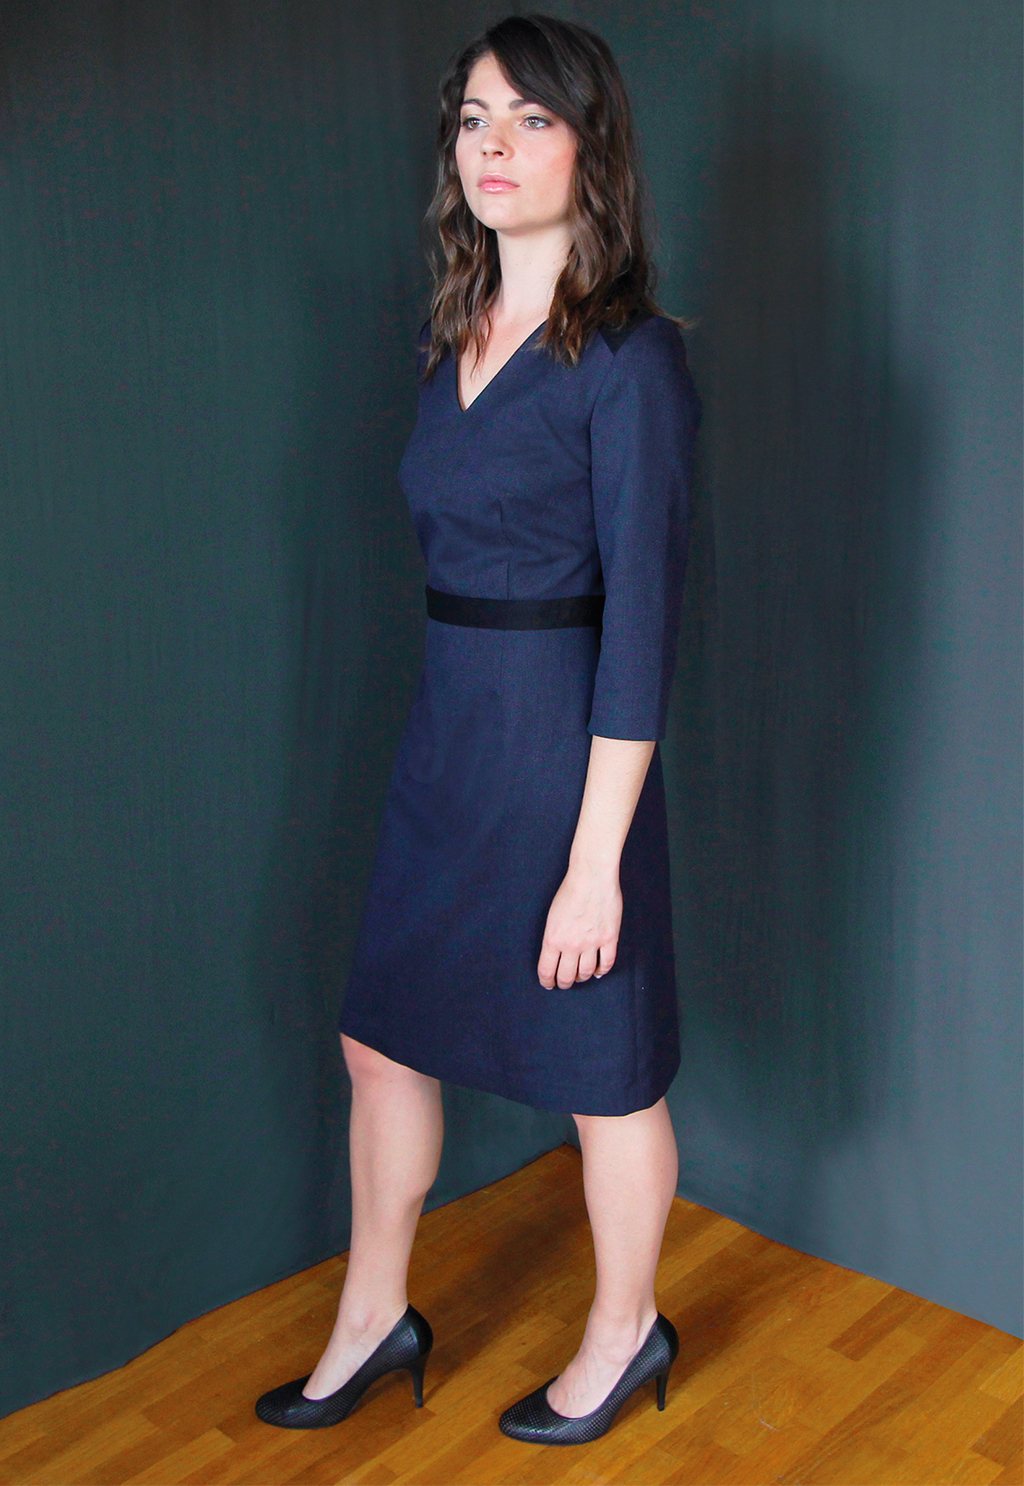 2022d8c677e Robe laine bleu Chic Bureau Diner Cérémonie Créateur SOLENE MARTIN